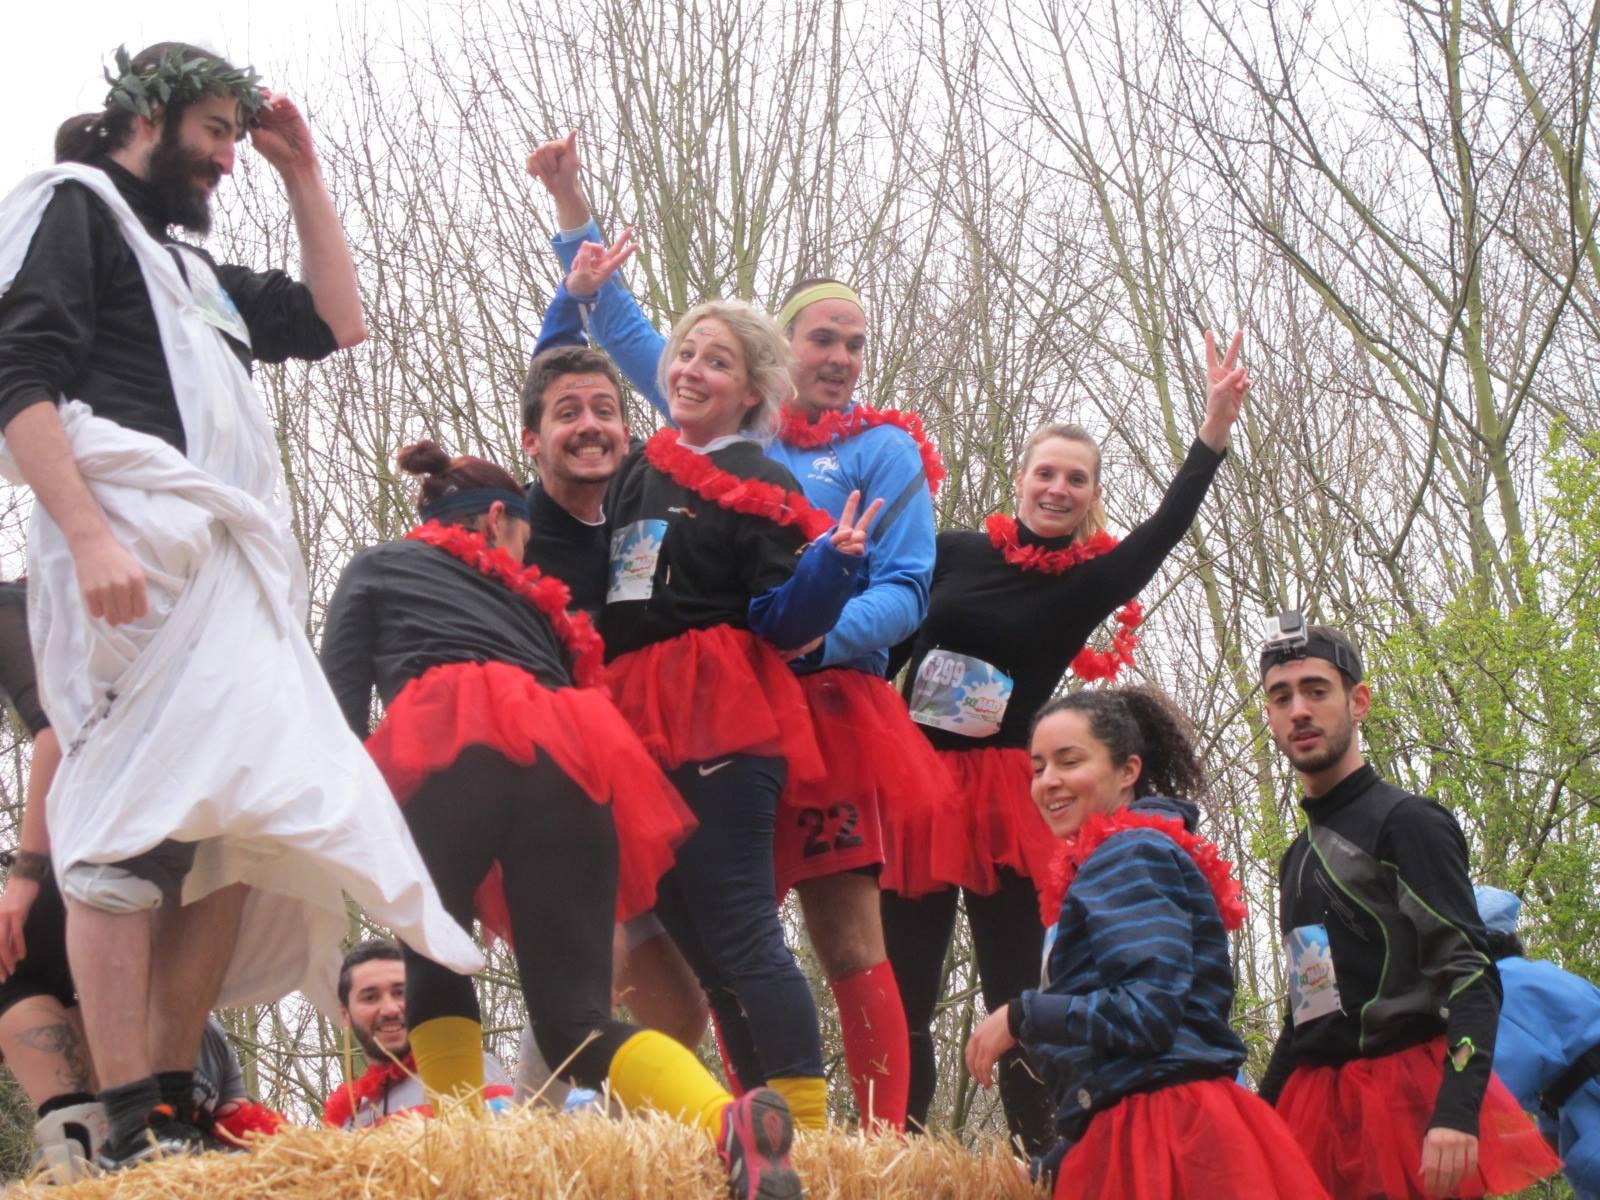 somad bois de vincennes course édition 2016 paris (3)